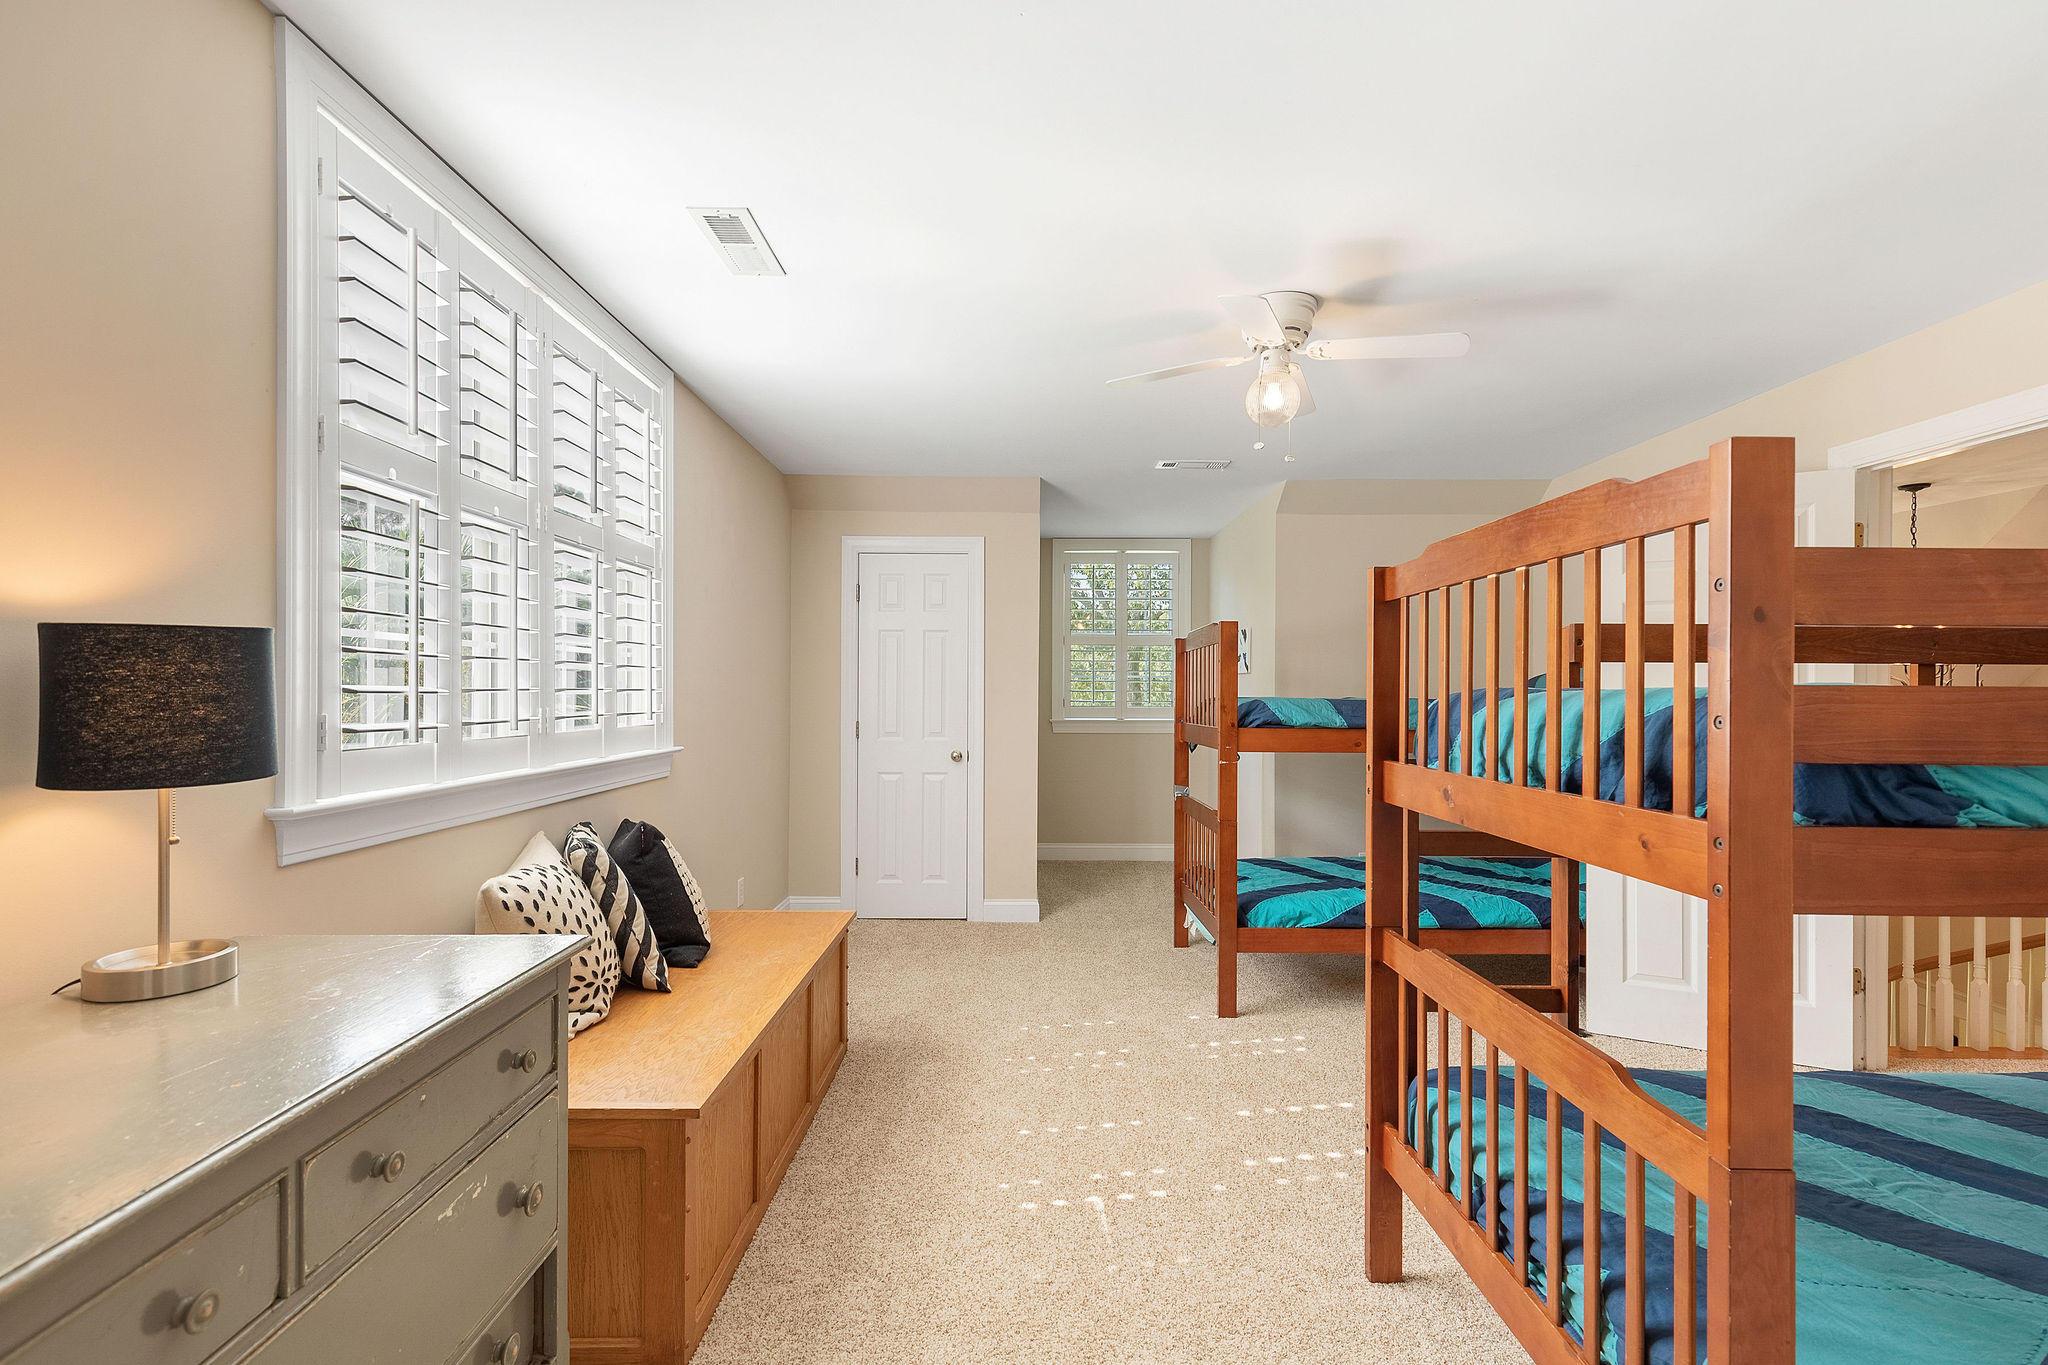 Dunes West Homes For Sale - 3201 Cottonfield, Mount Pleasant, SC - 11